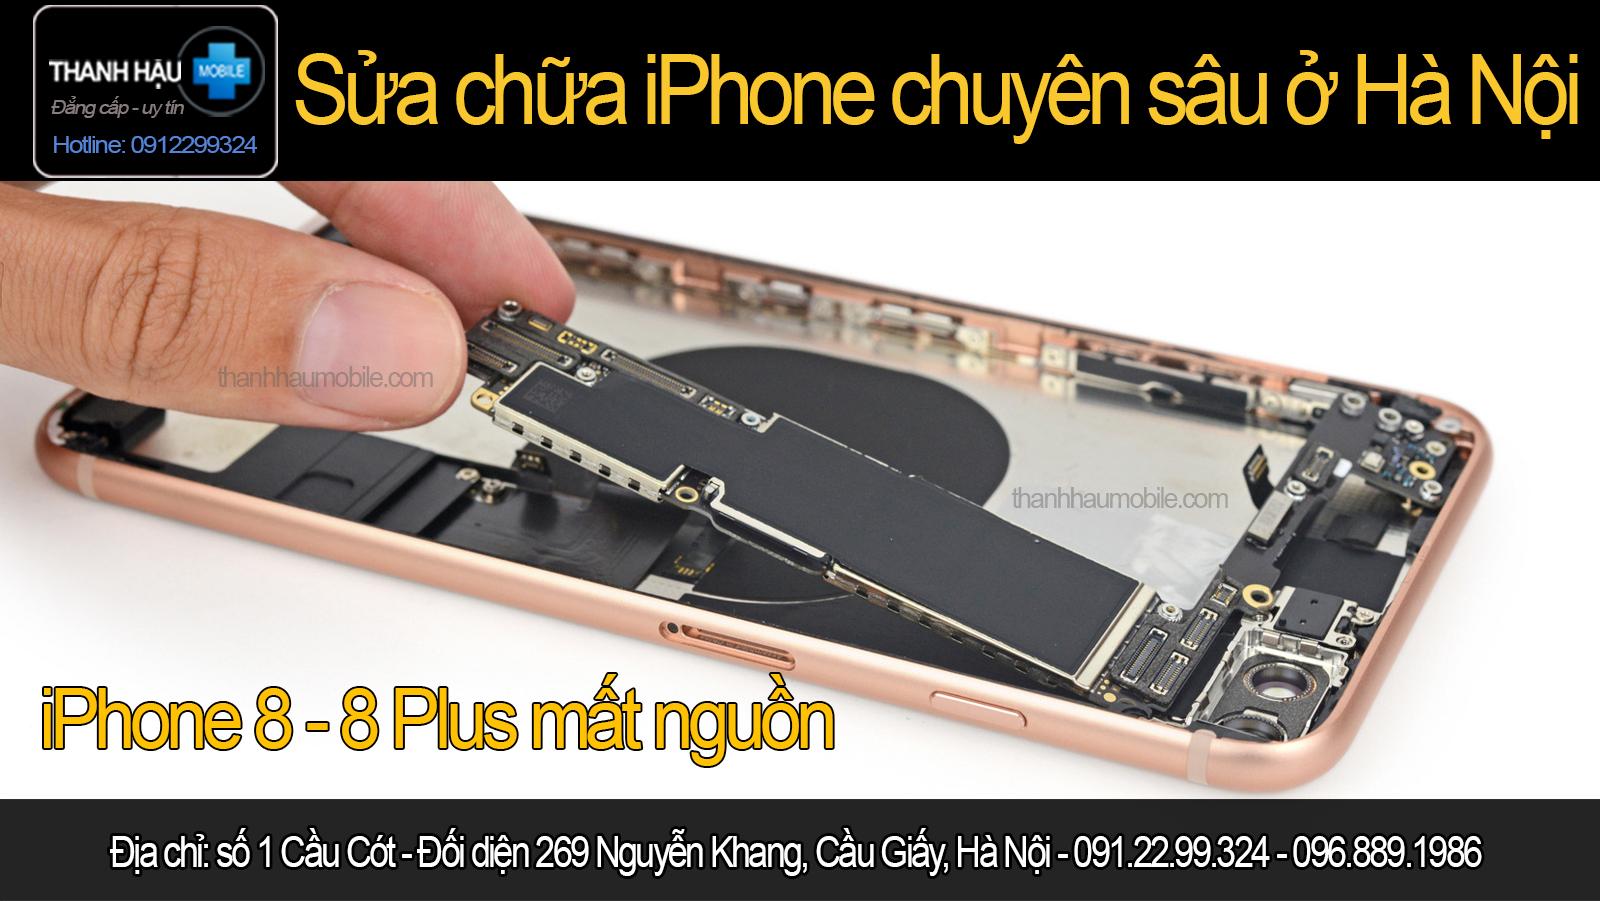 Thay ic nguồn iphone 8,8 plus giá bao nhiêu? sửa nguồn ip8 plus giá rẻ